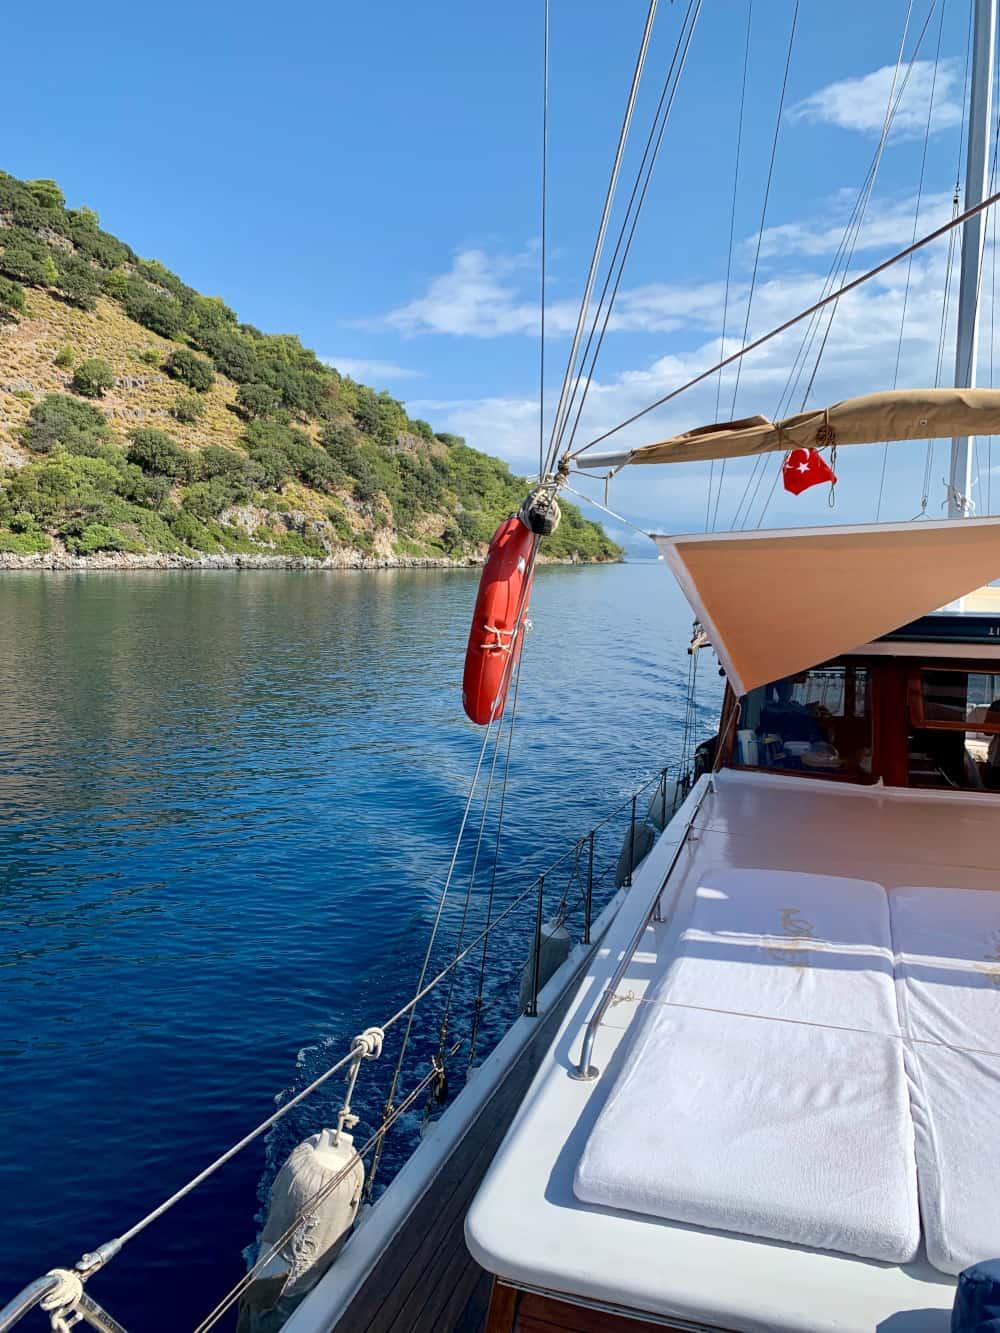 For me, a few days on a boat was a must for my 7-day Turkey itinerary